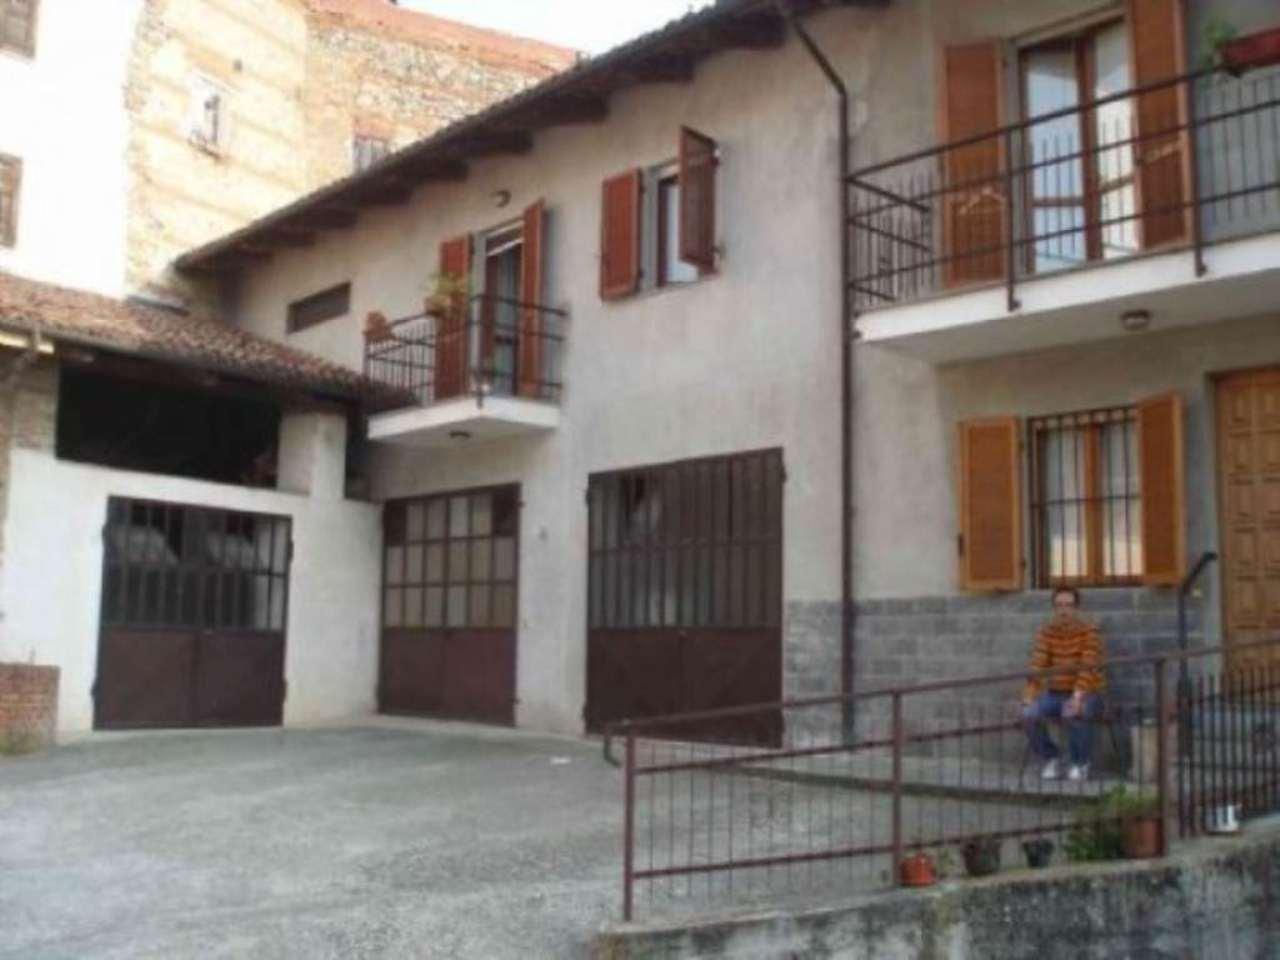 Rustico / Casale in vendita a Pino d'Asti, 6 locali, prezzo € 120.000 | Cambio Casa.it